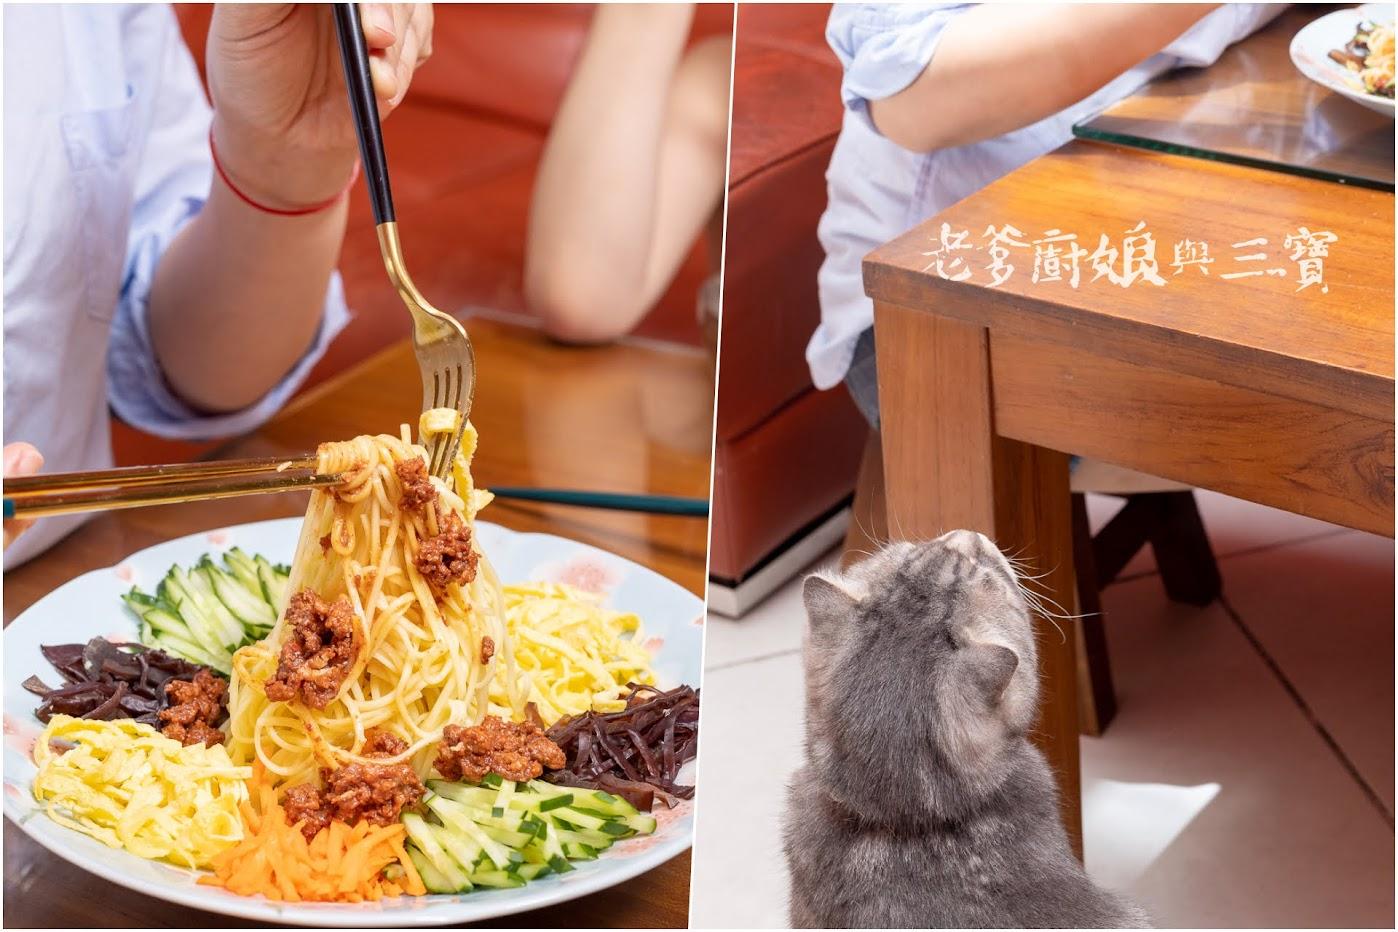 今晚娘也想要來點...輕鬆的,餐桌上快速美味料理在這啦!好吃的罐頭推薦~新東陽